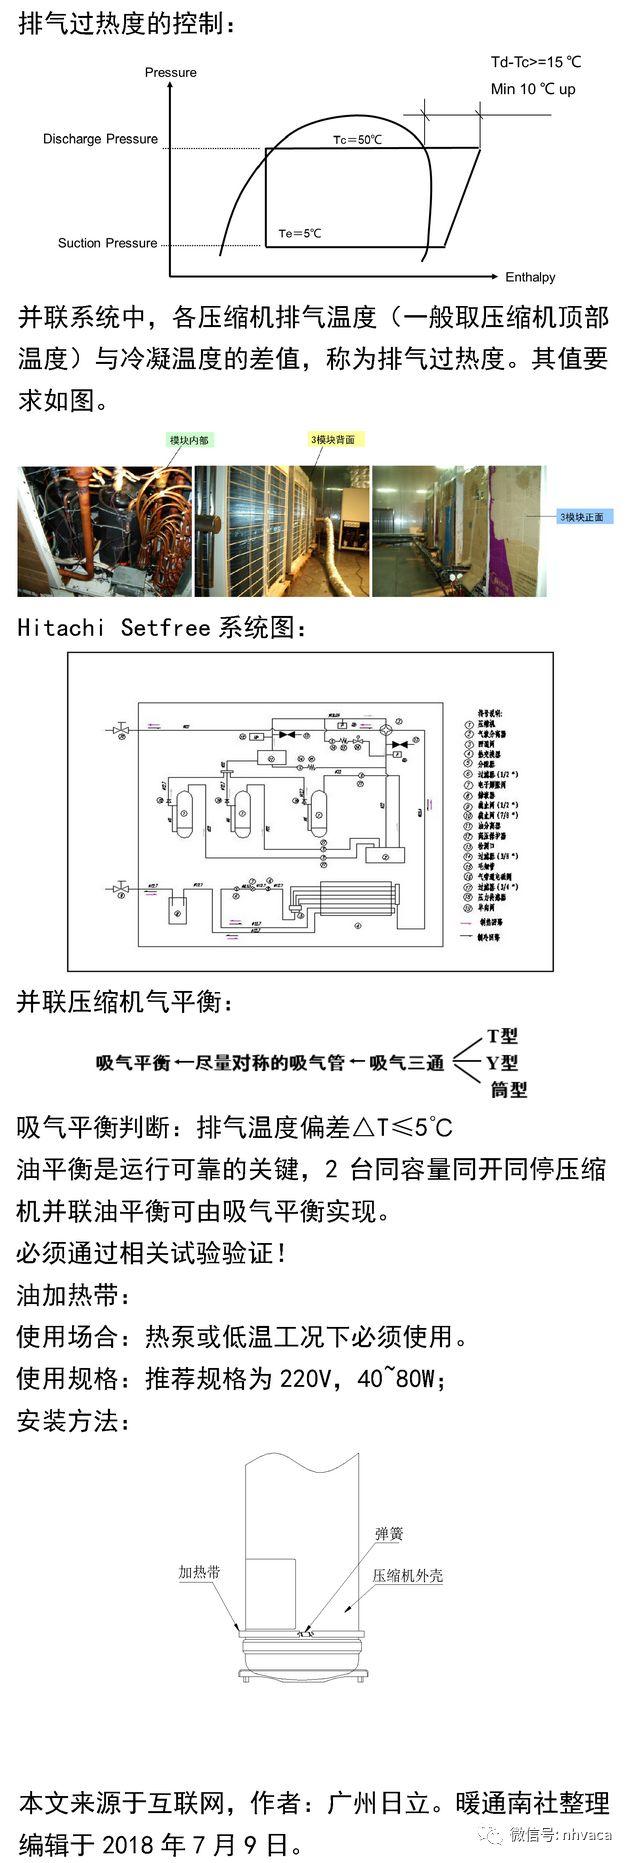 涡旋压缩机设计应用手册_9